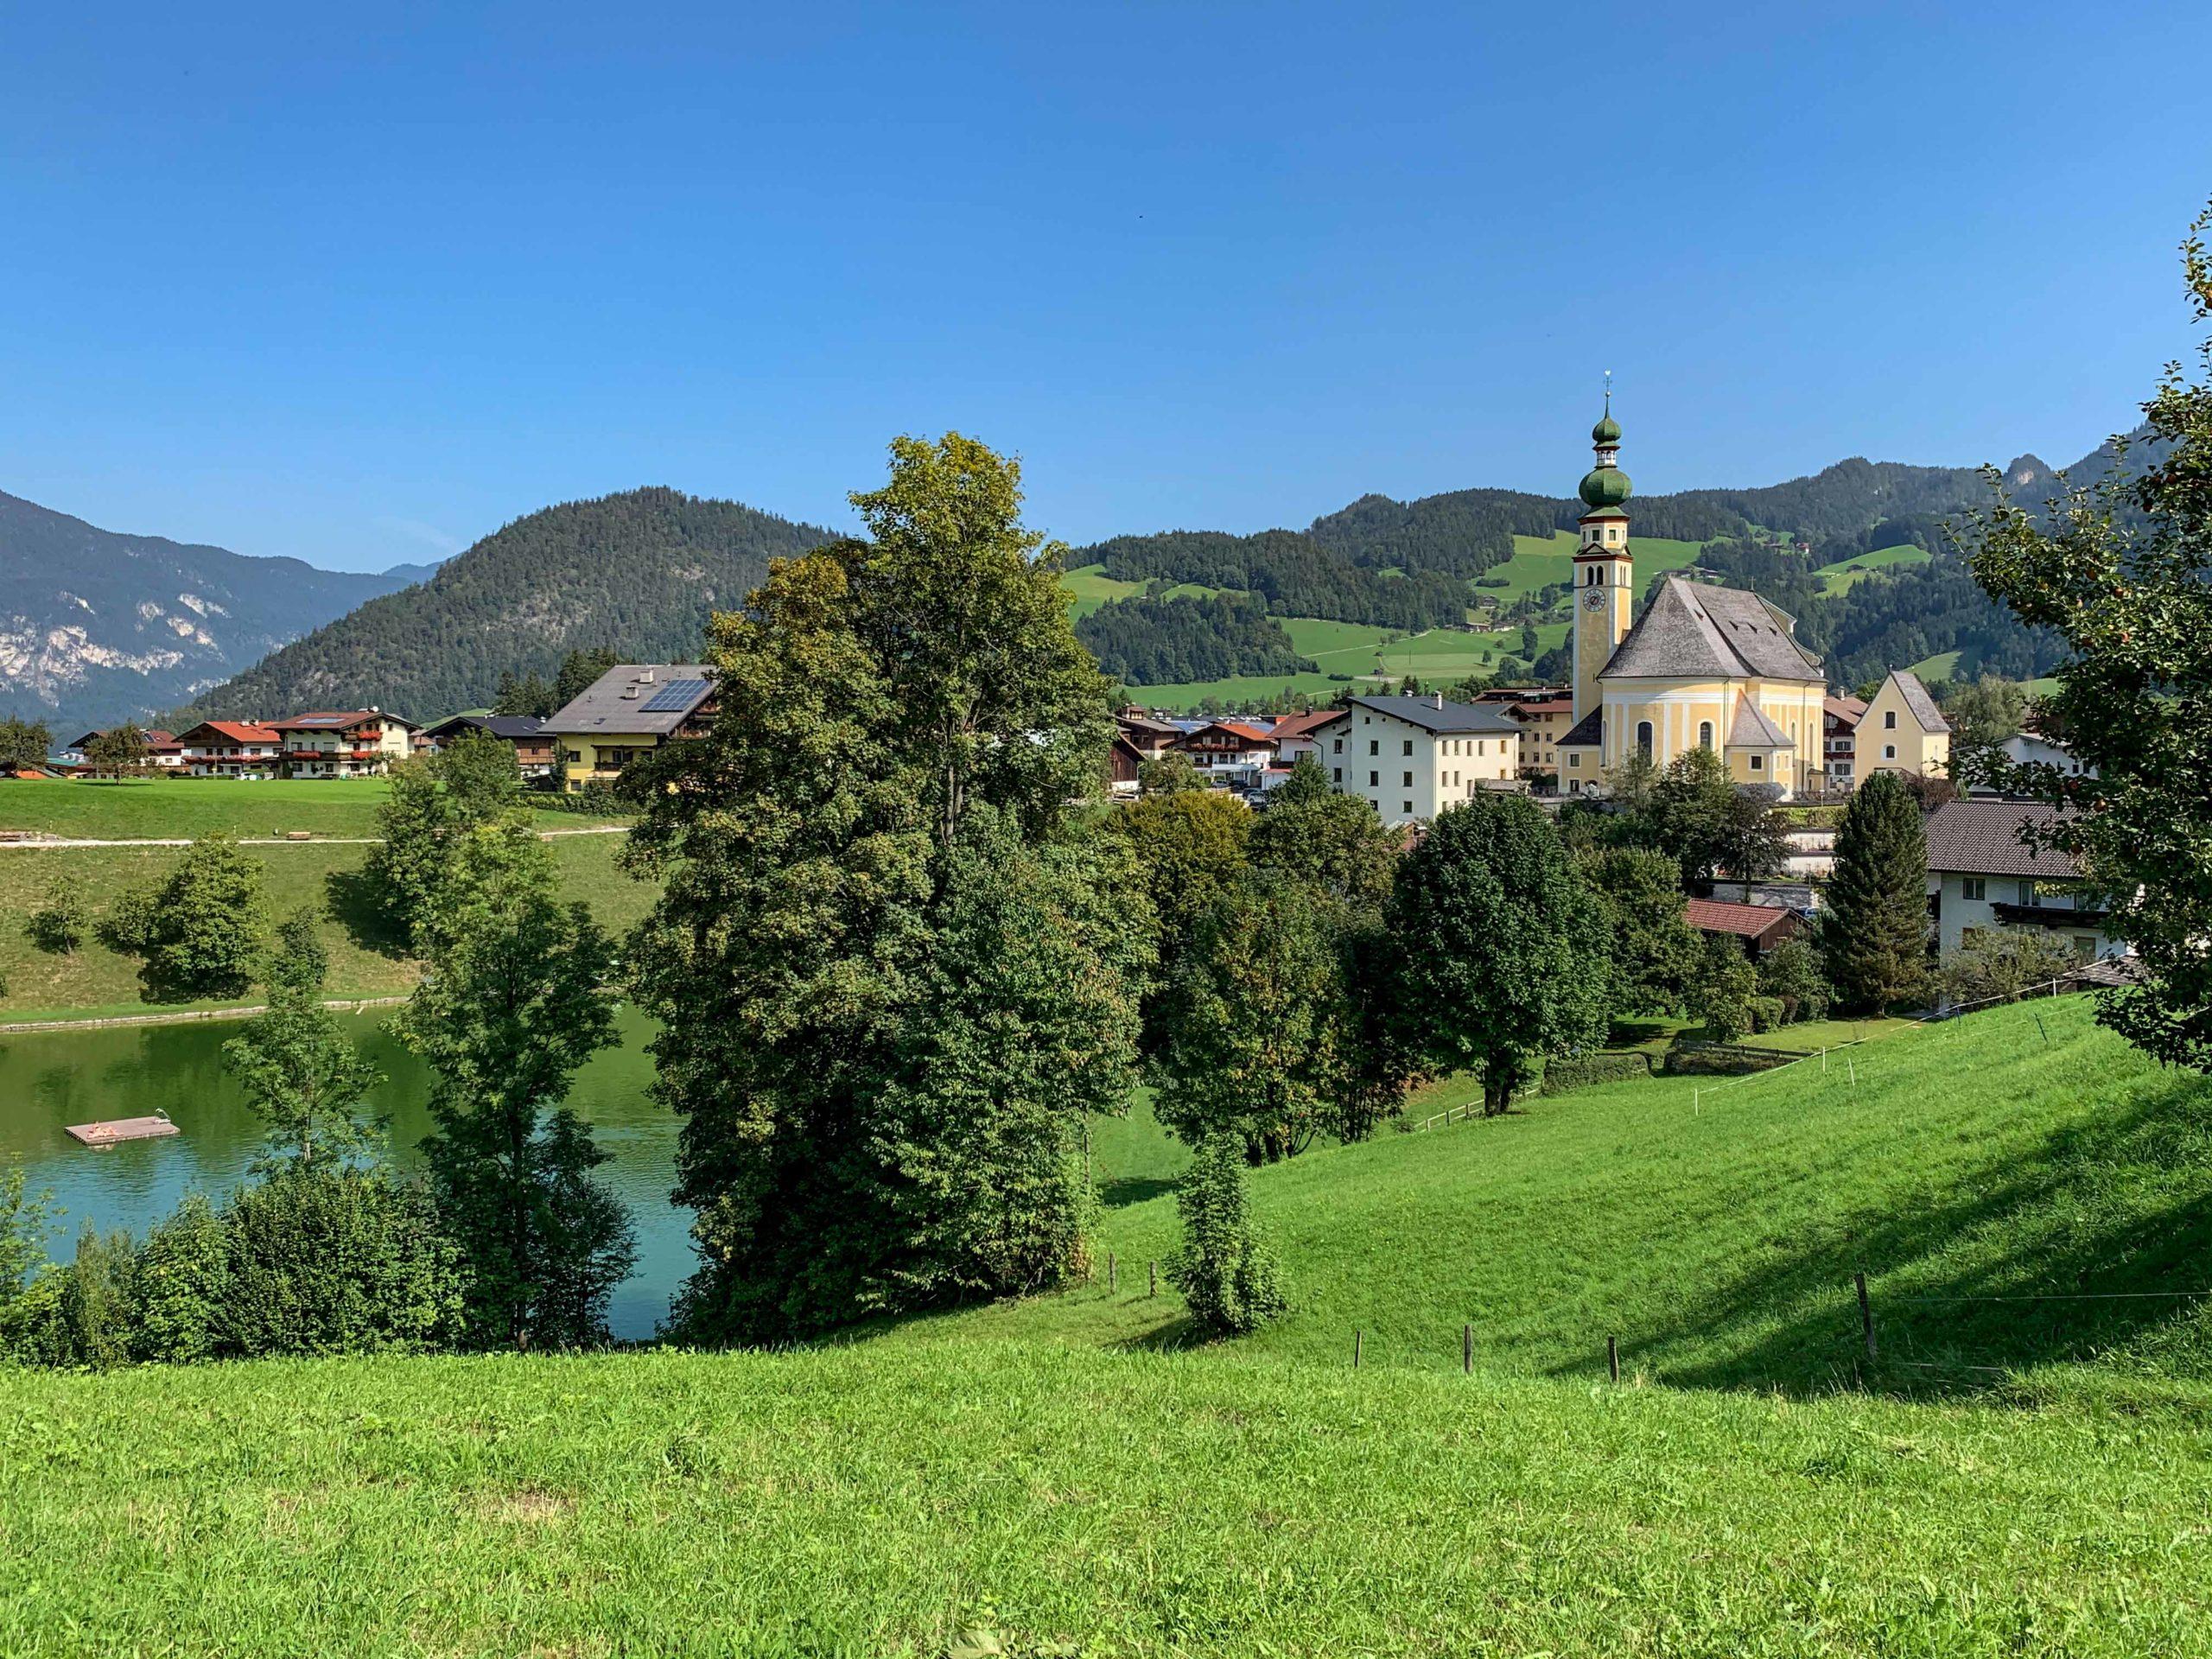 Alpbach i.A.